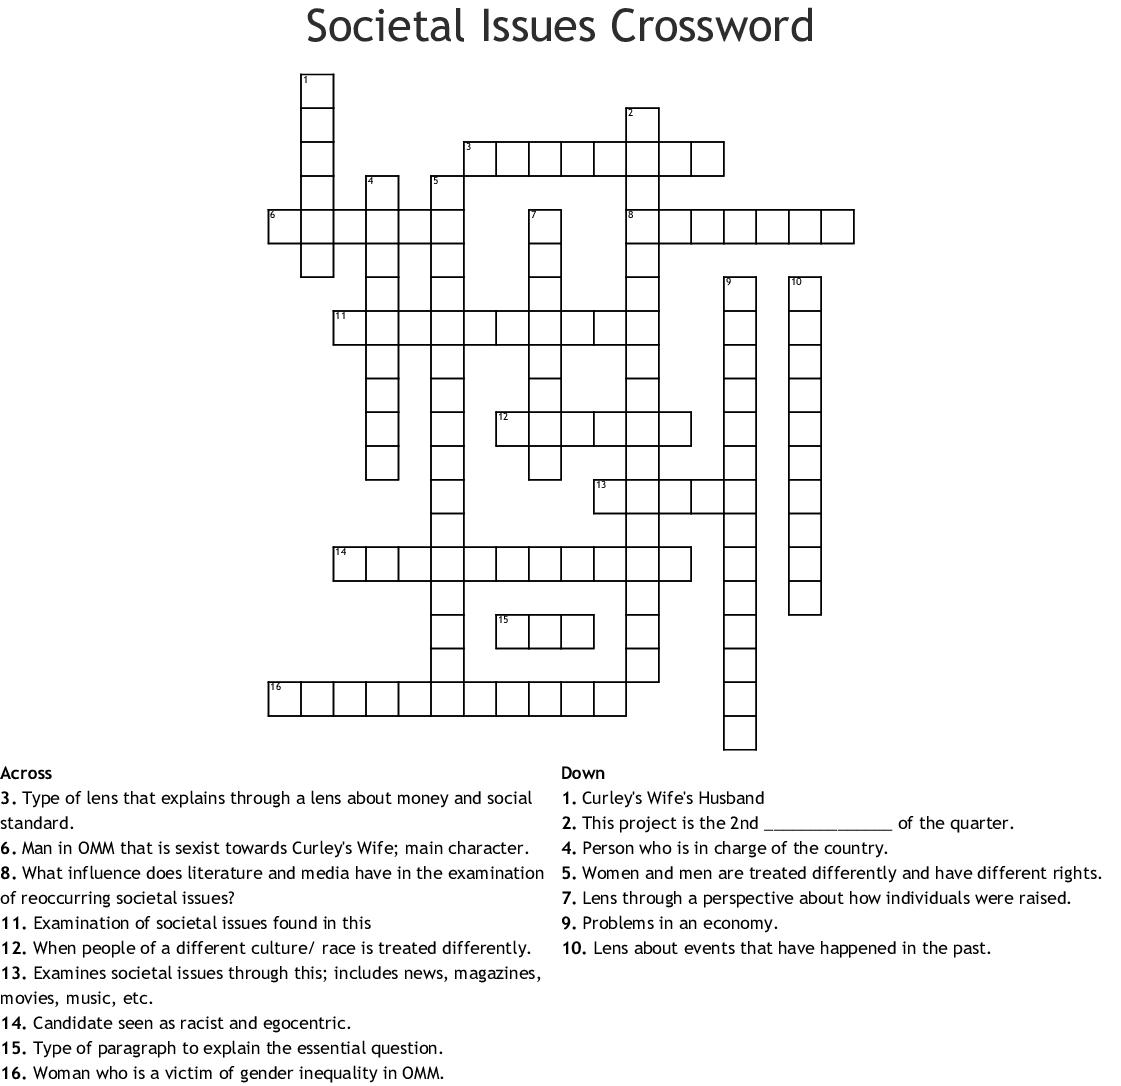 Societal Issues Crossword Wordmint